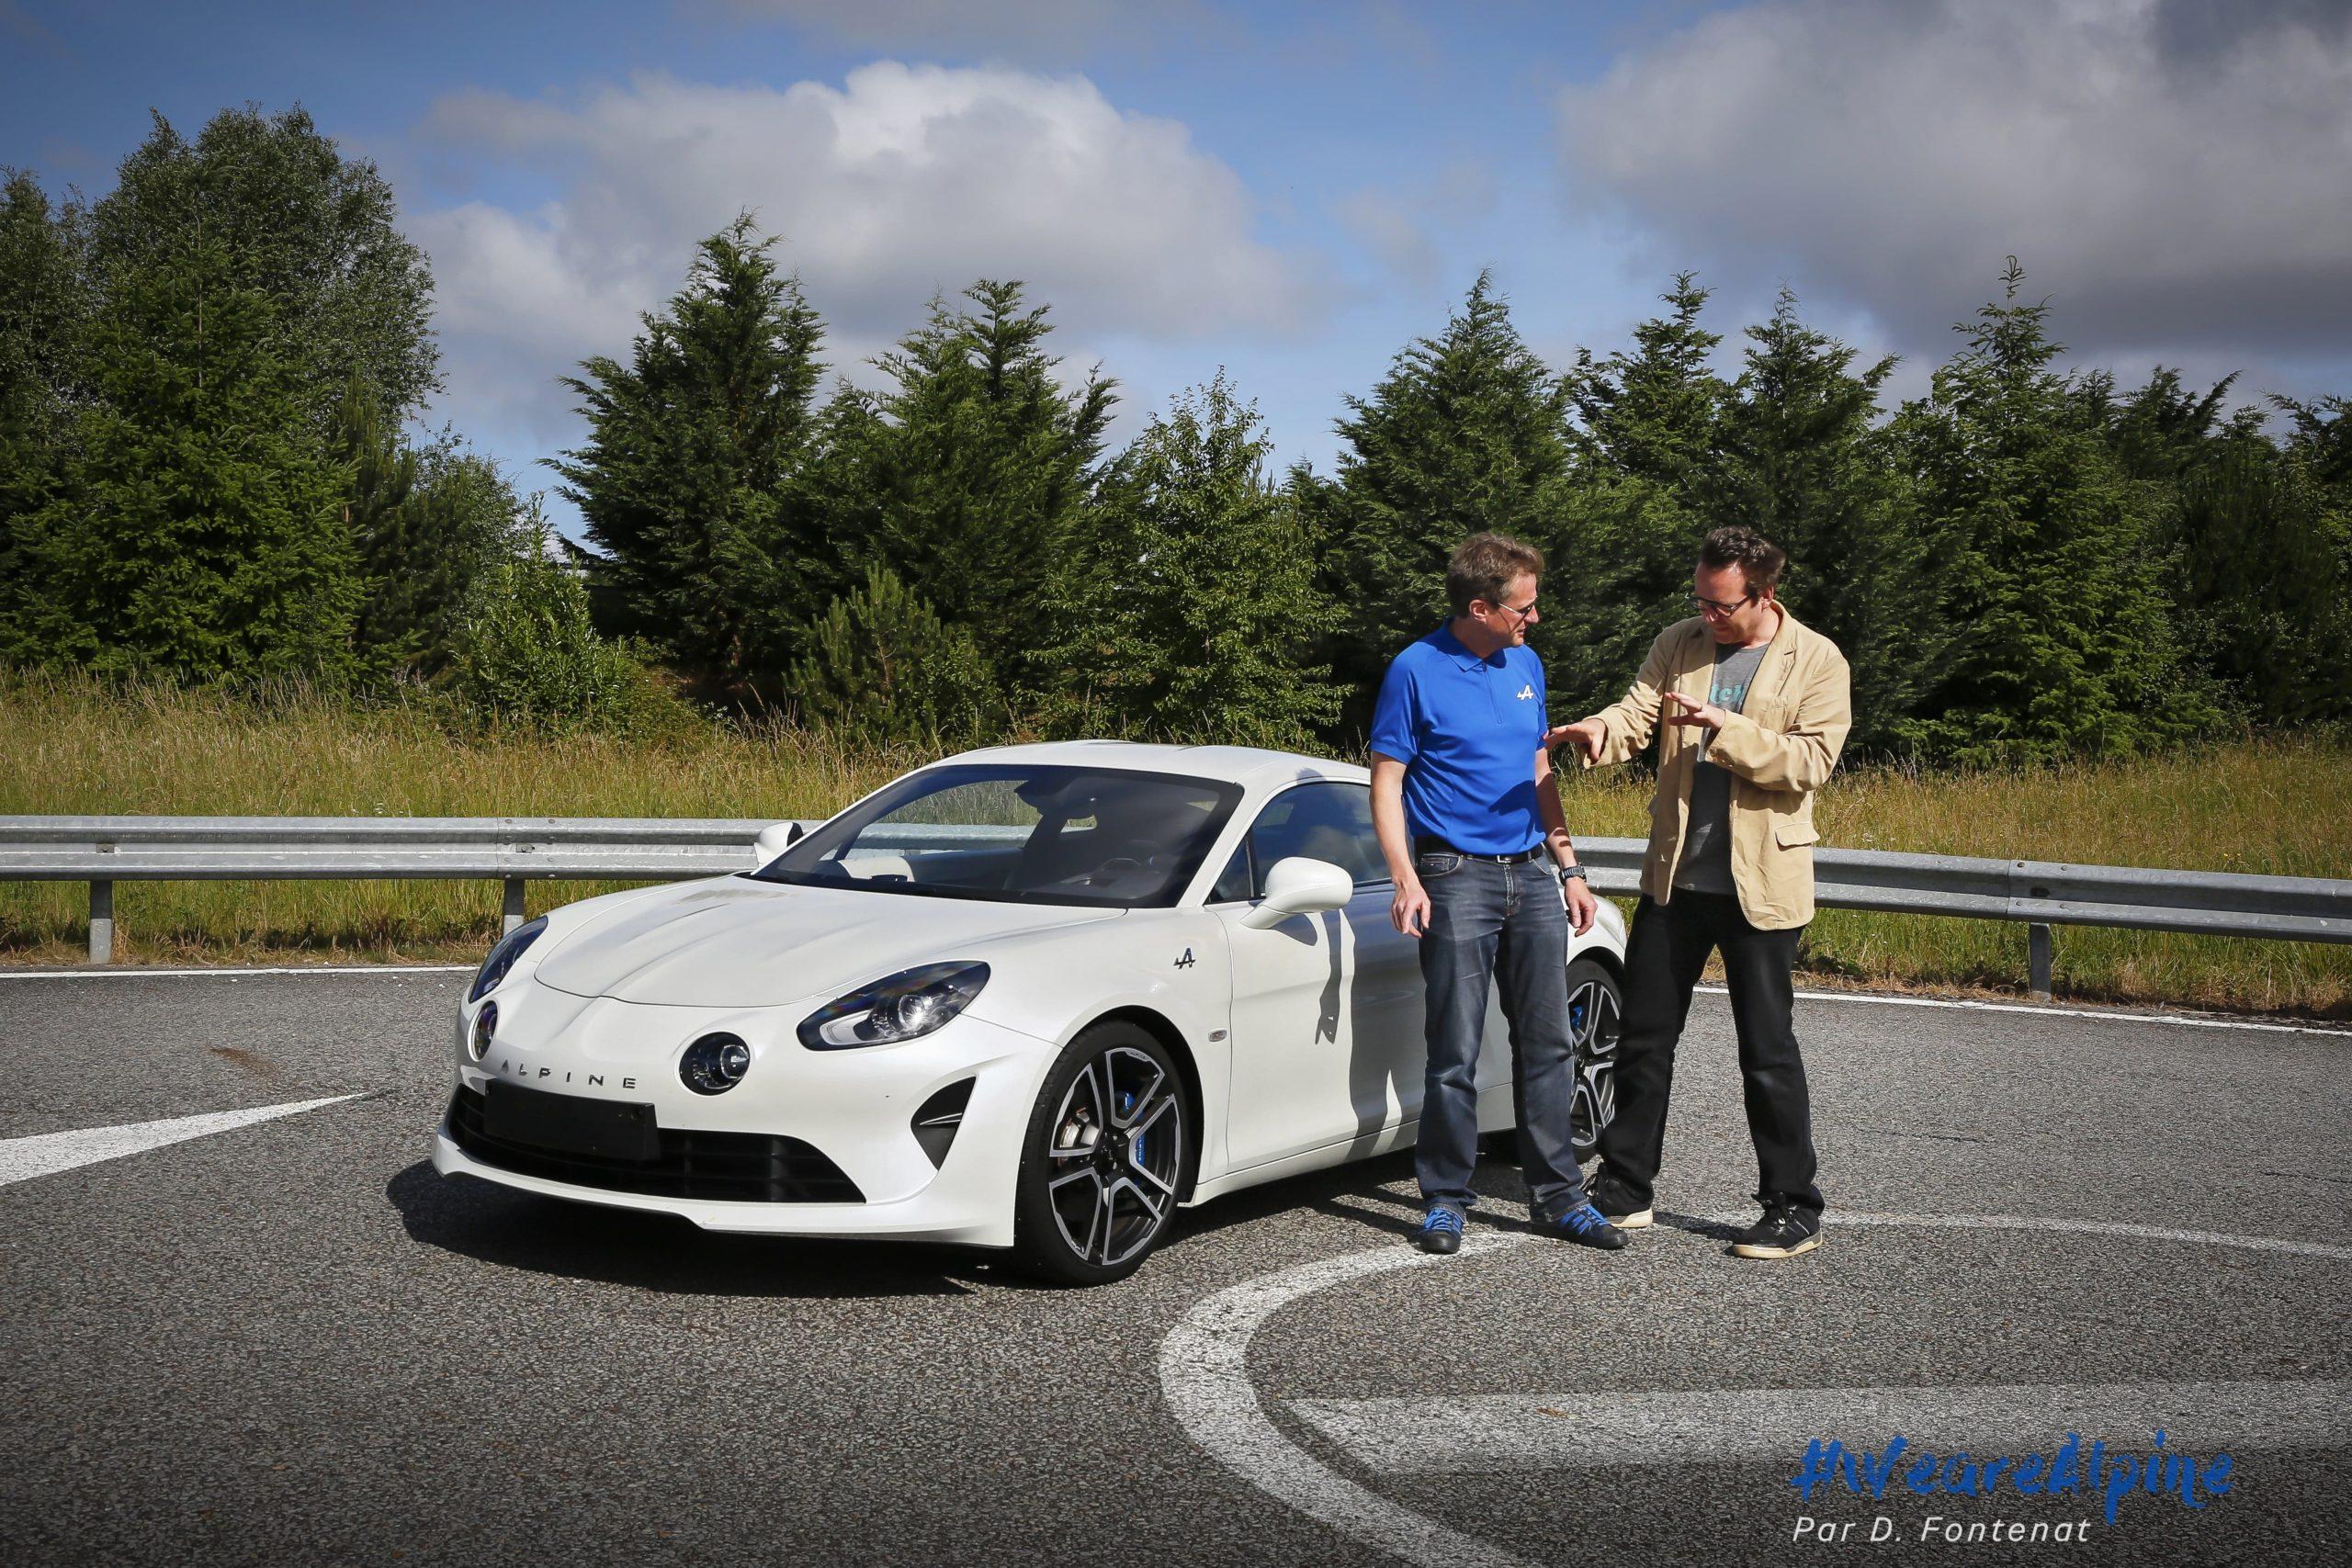 DF18602©D.Fontenat scaled | Essai vidéo de la nouvelle Alpine A110 sur circuit en exclusivité mondiale !